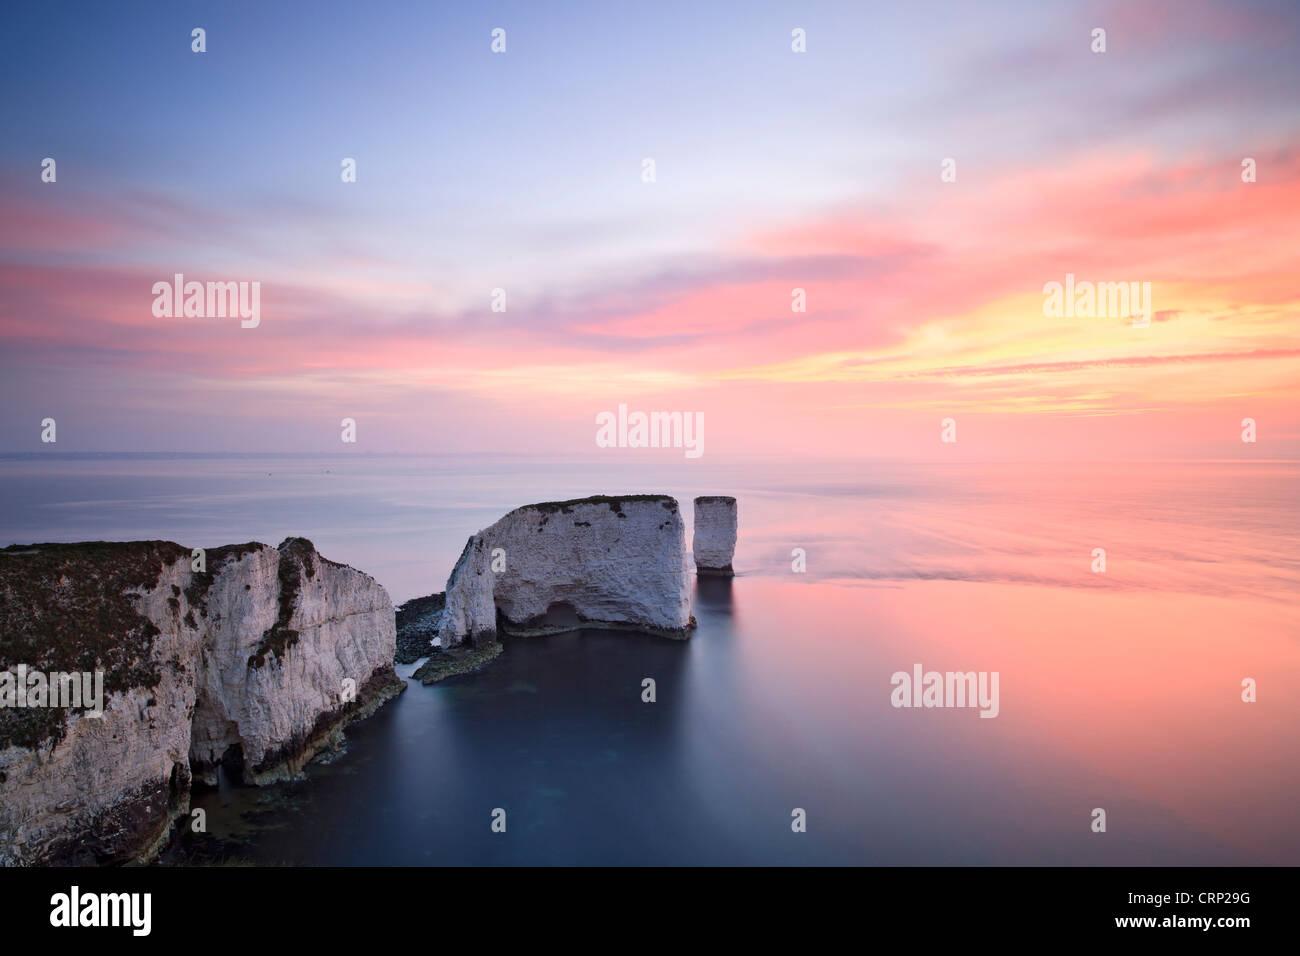 Sonnenaufgang im Old Harry Rocks auf Dorset Juraküste Welterbe-Aufstellungsort in der Nähe von Swanage. Stockbild